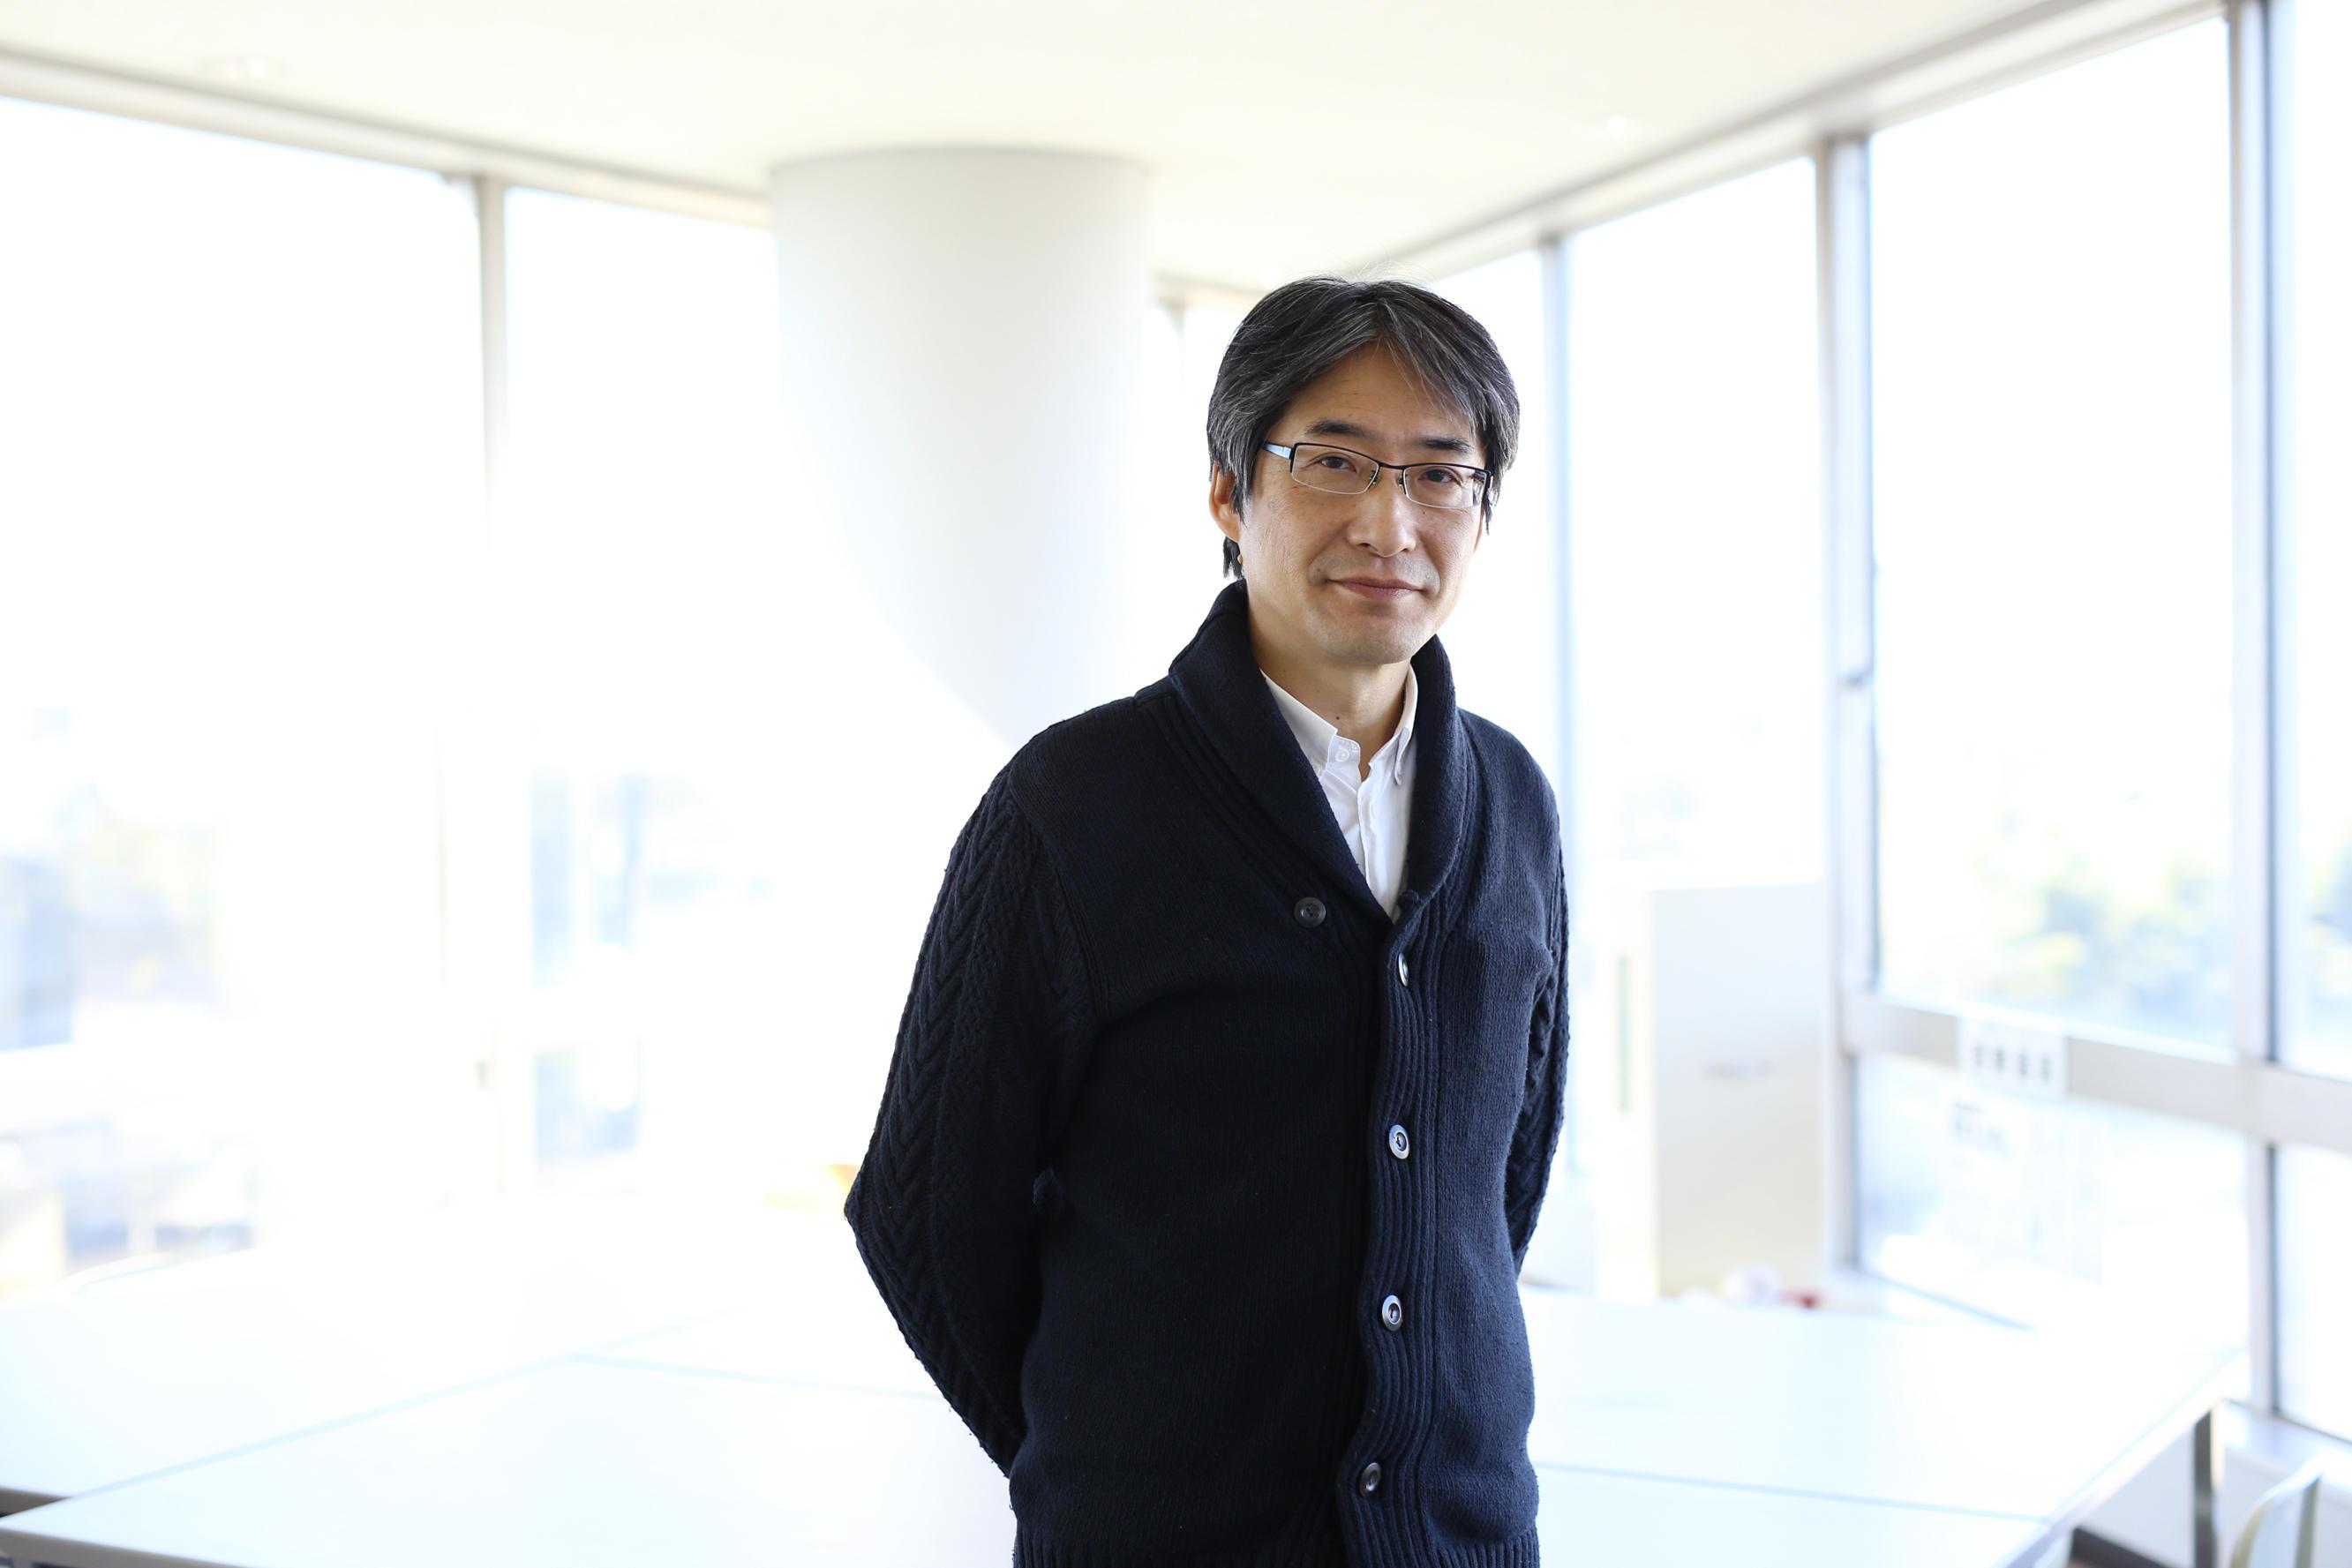 江戸川大学睡眠研究所が住環境研究所との共同研究「高齢者個人宅におけるコミュニケーションロボットの実証実験」の結果を発表 -- ロボットとのコミュニケーションで生活は改善される?